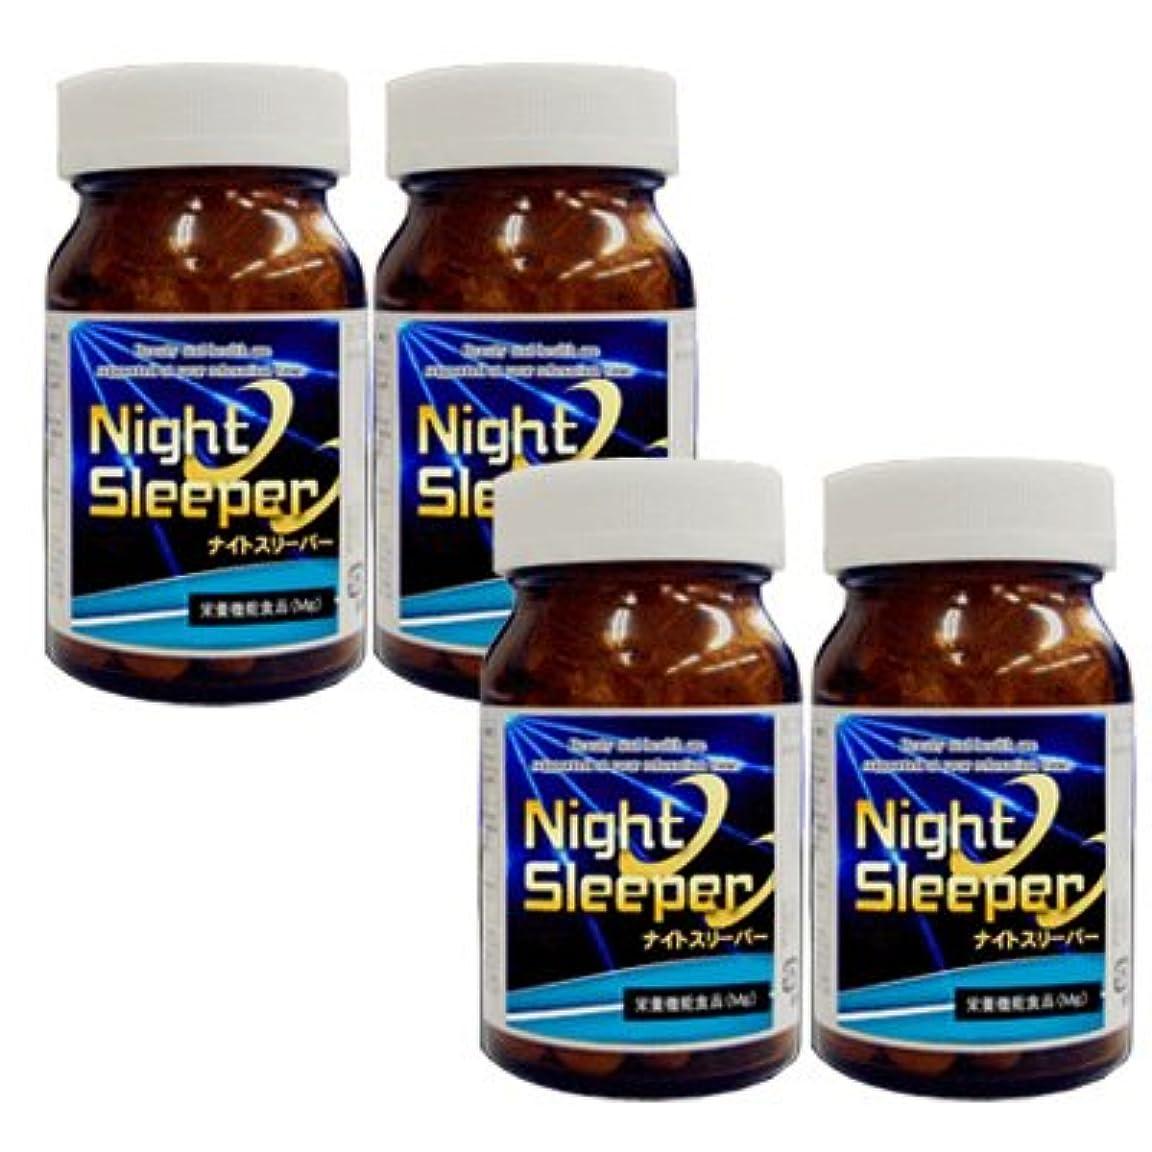 支出観察する公ナイトスリーパー 4個セット! nightsleeper ×4個